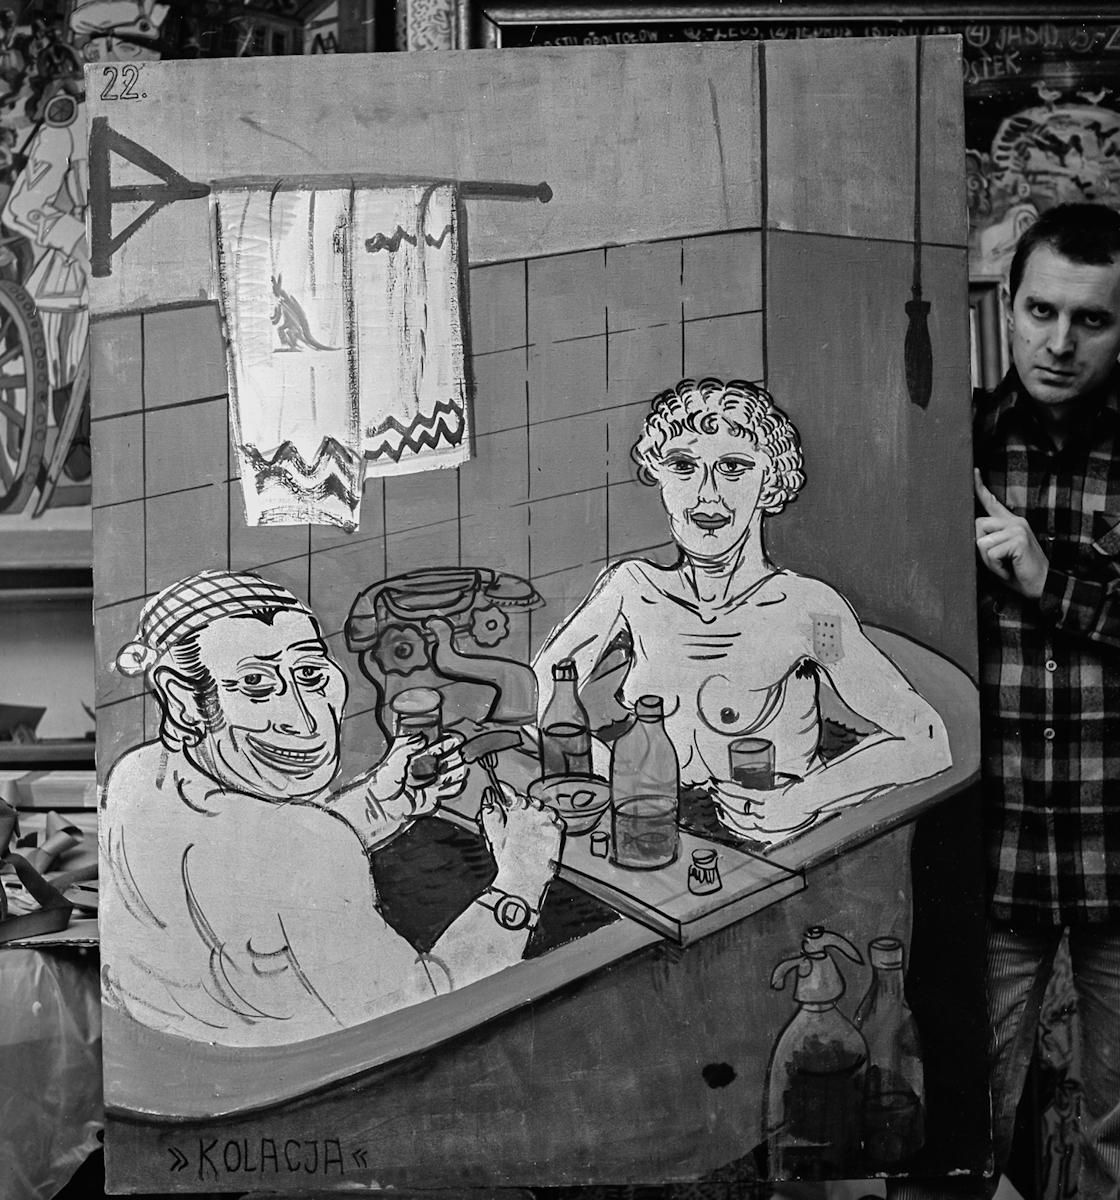 Edward Dwurnik, portret zobrazem Kolacja zcyklu Sportowcy, 1972, fot.Teresa Gierzyńska